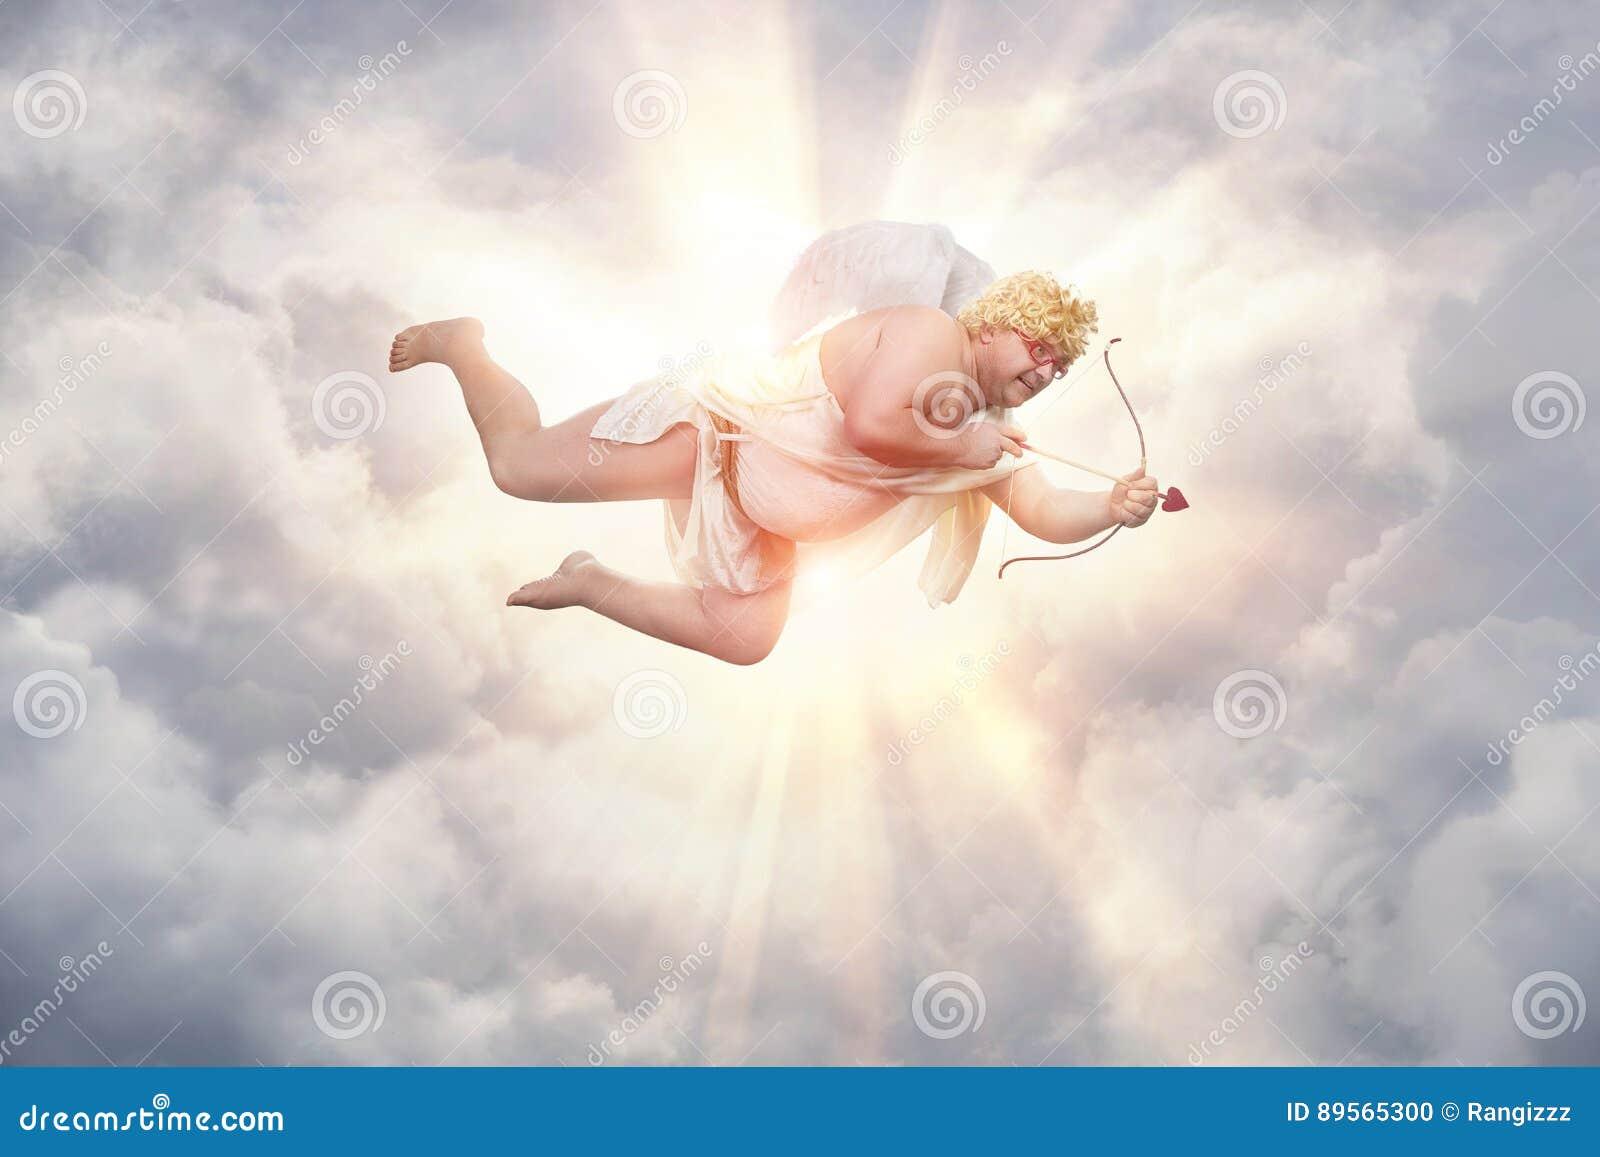 Cupidon datant supprimer compte datation tardive de Daniel